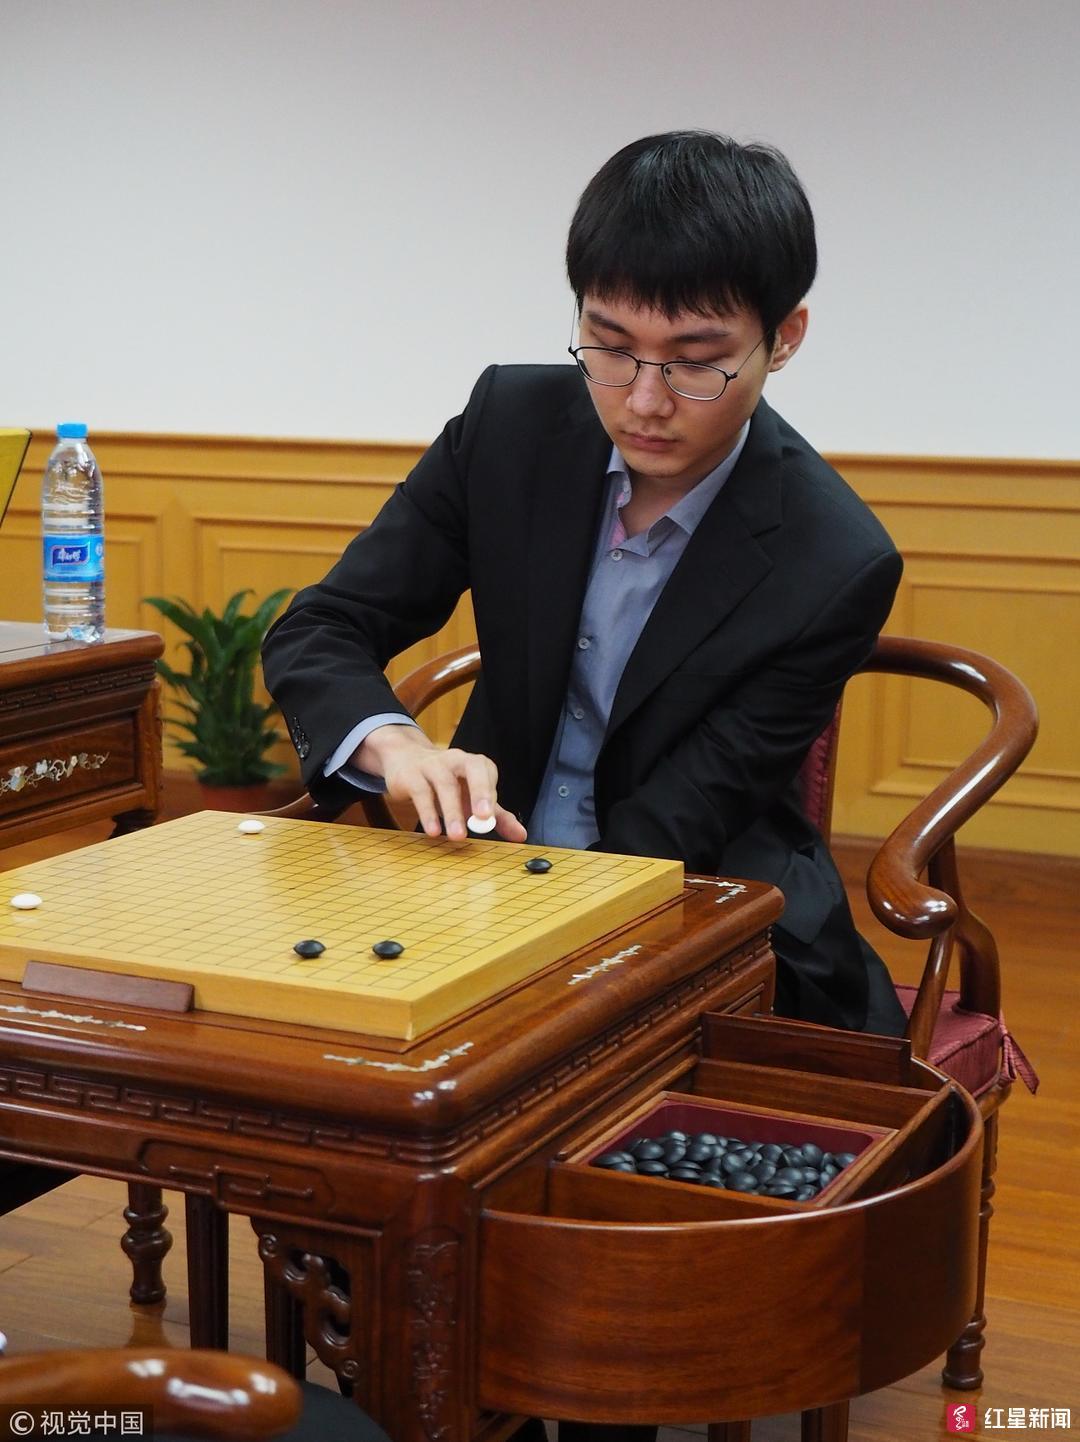 成都围棋史上最重磅外援!世界冠军朴廷桓将征战今年围甲联赛